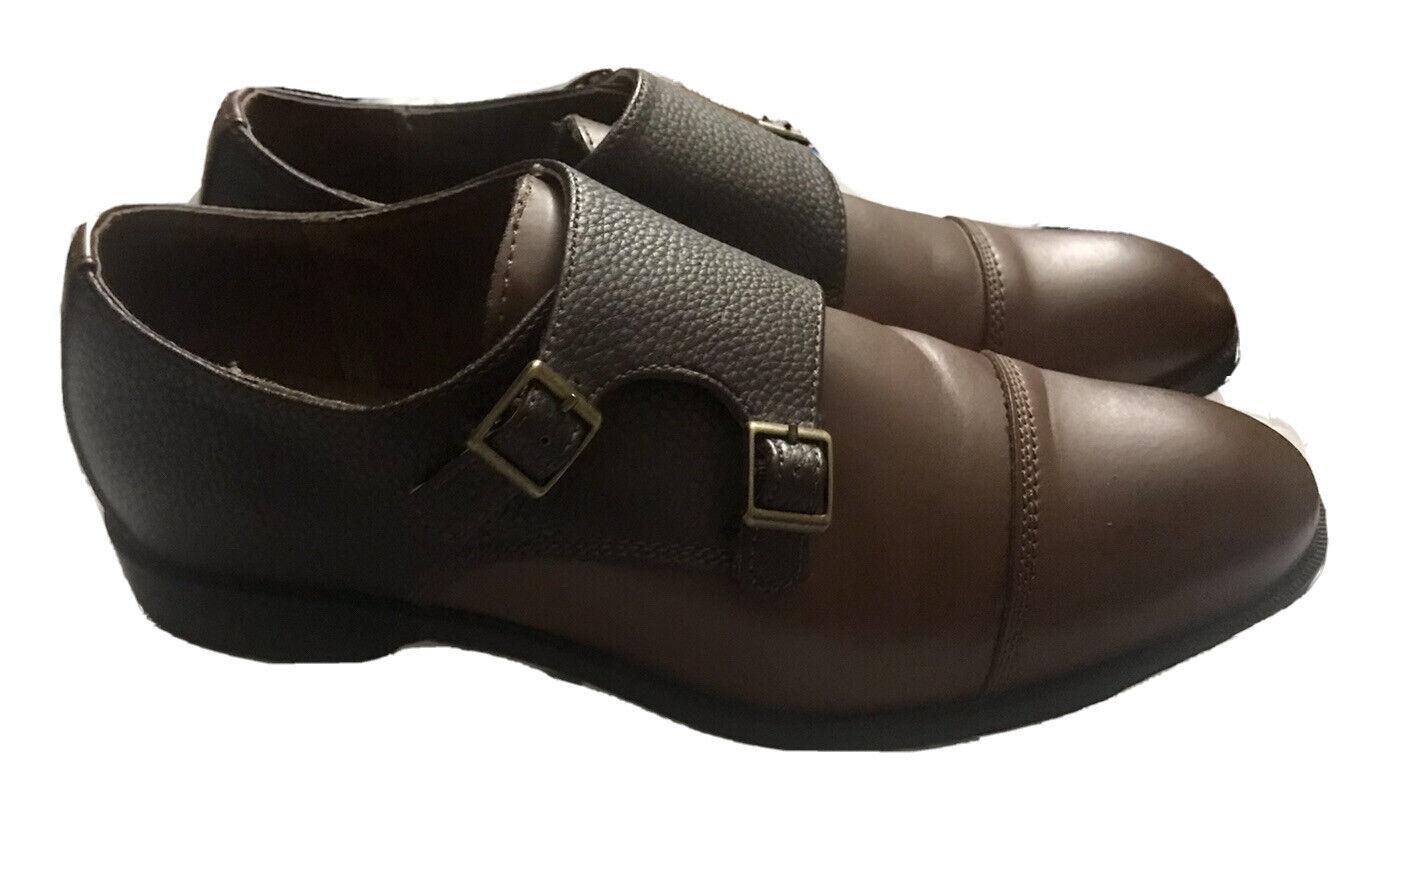 Joseph Abboud 2 Tone Brown Dante Double Monk Strap Men's Sz. 9.5 Leather